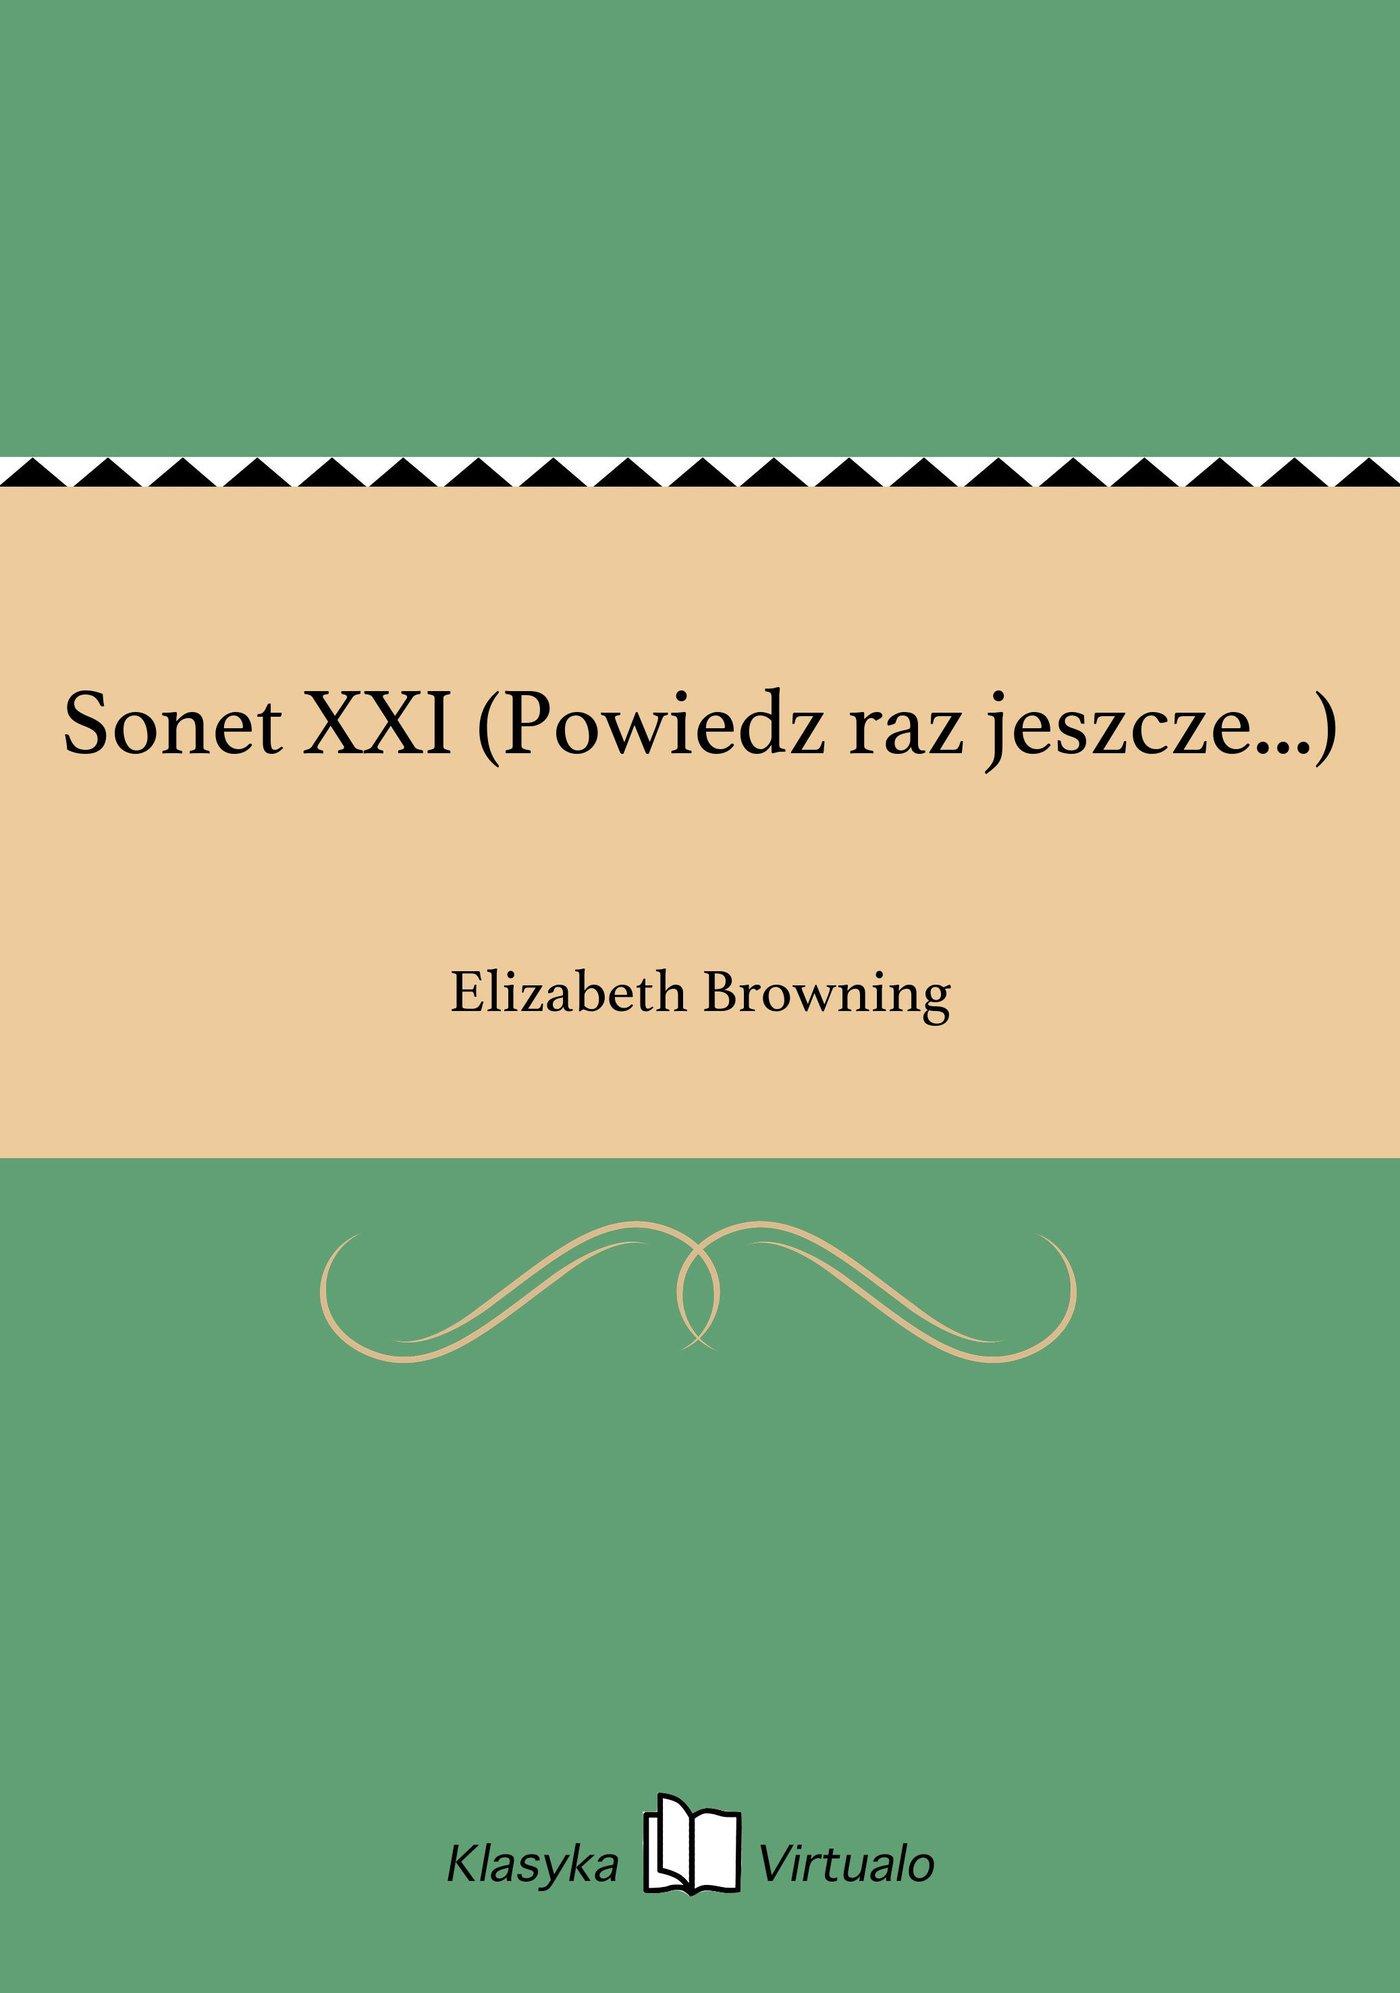 Sonet XXI (Powiedz raz jeszcze...) - Ebook (Książka na Kindle) do pobrania w formacie MOBI